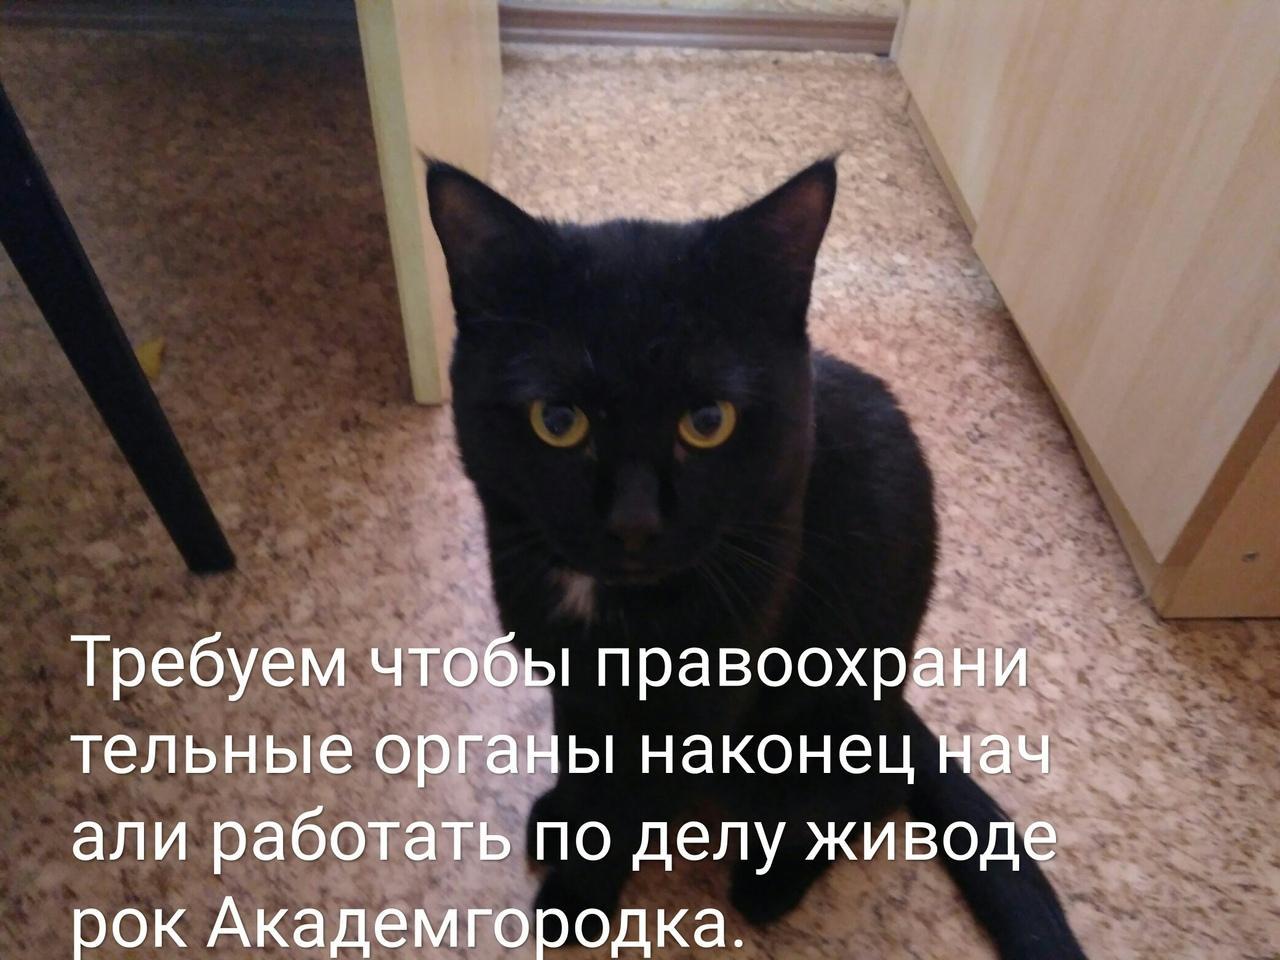 Фото Зоозащитники запустили флешмоб с целью наказать живодёрок из Новосибирска 2